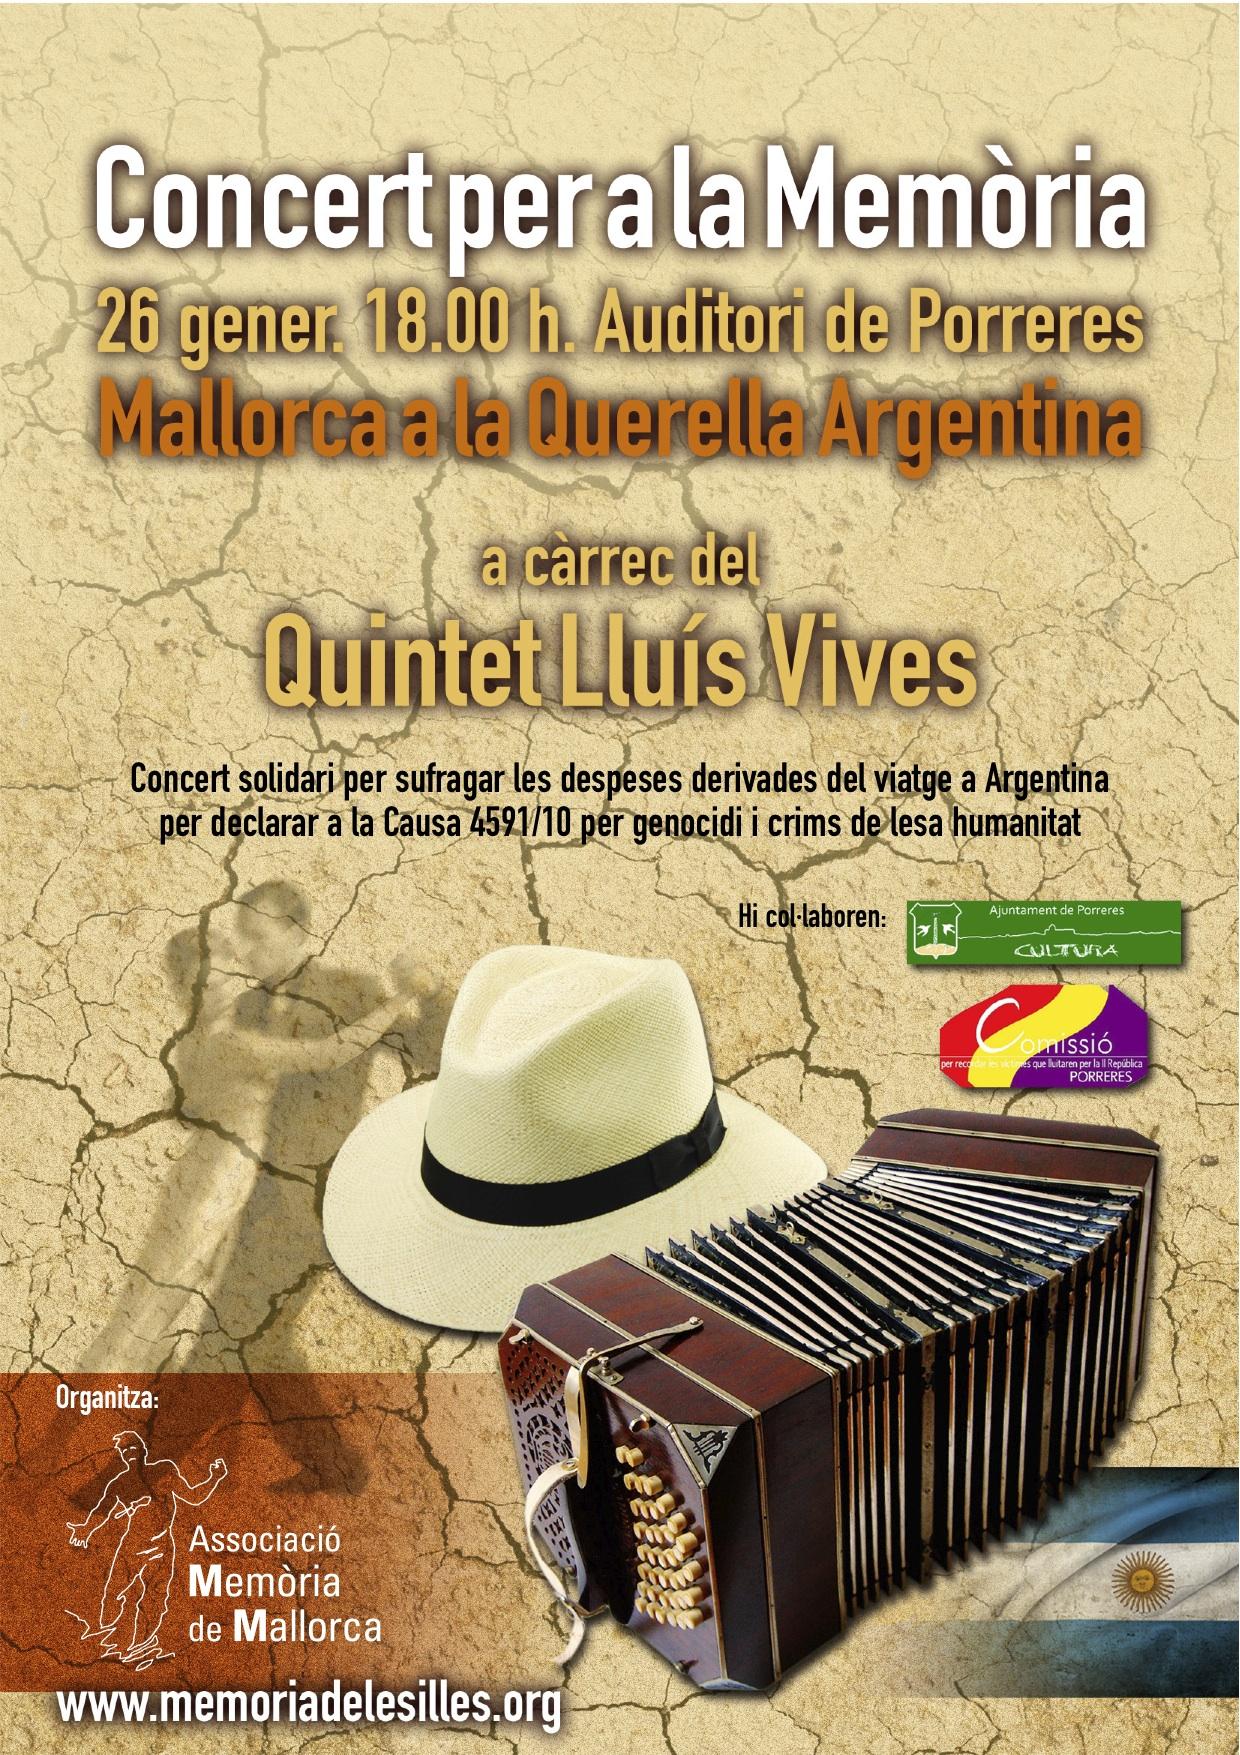 Concert per a la Memòria. Mallorca a la «Querrella Argentina» (Porreres, 26-01-14)